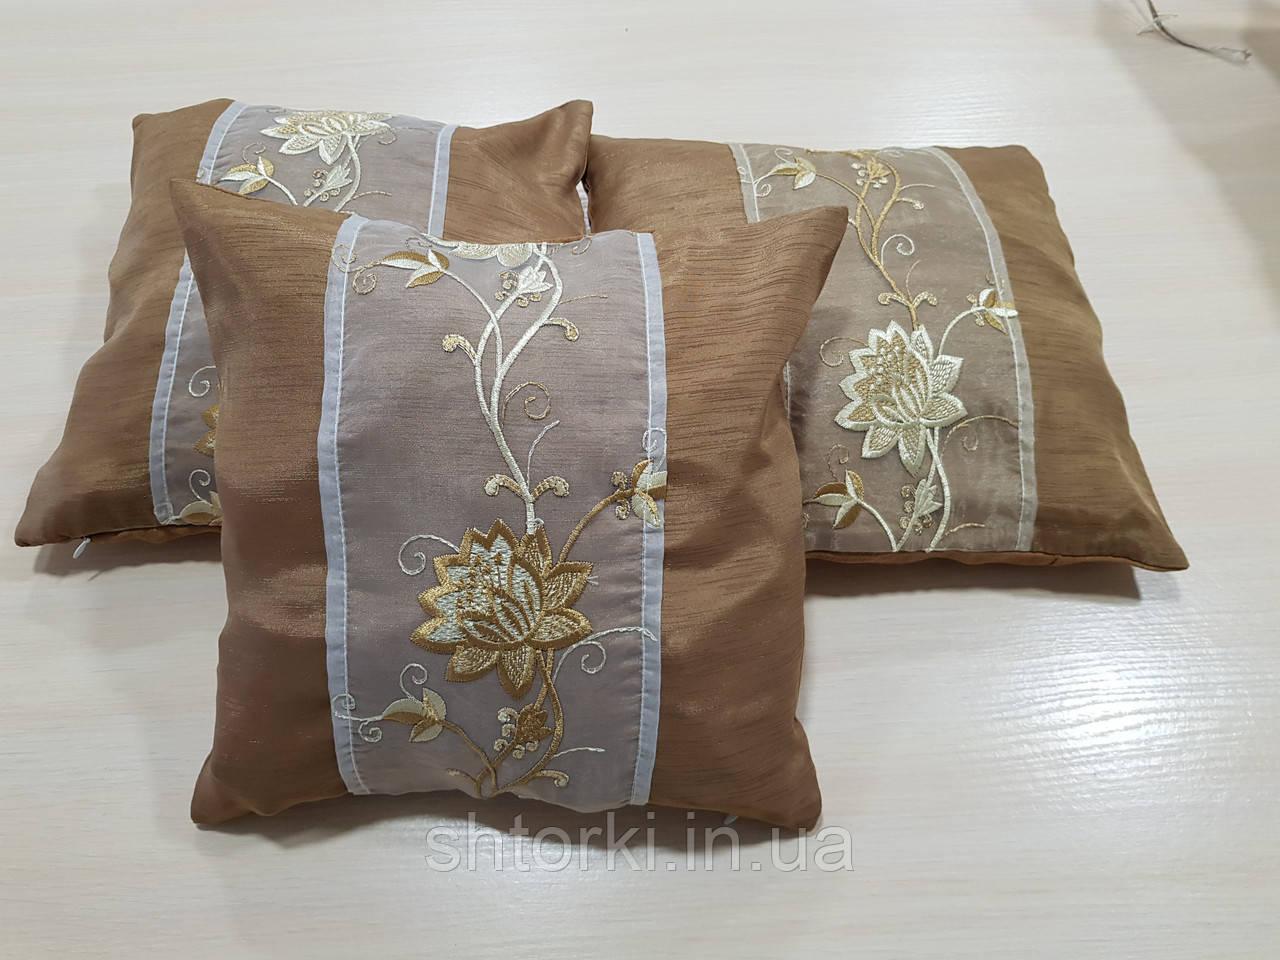 Комплект подушок Коричневі з квіткою 3шт